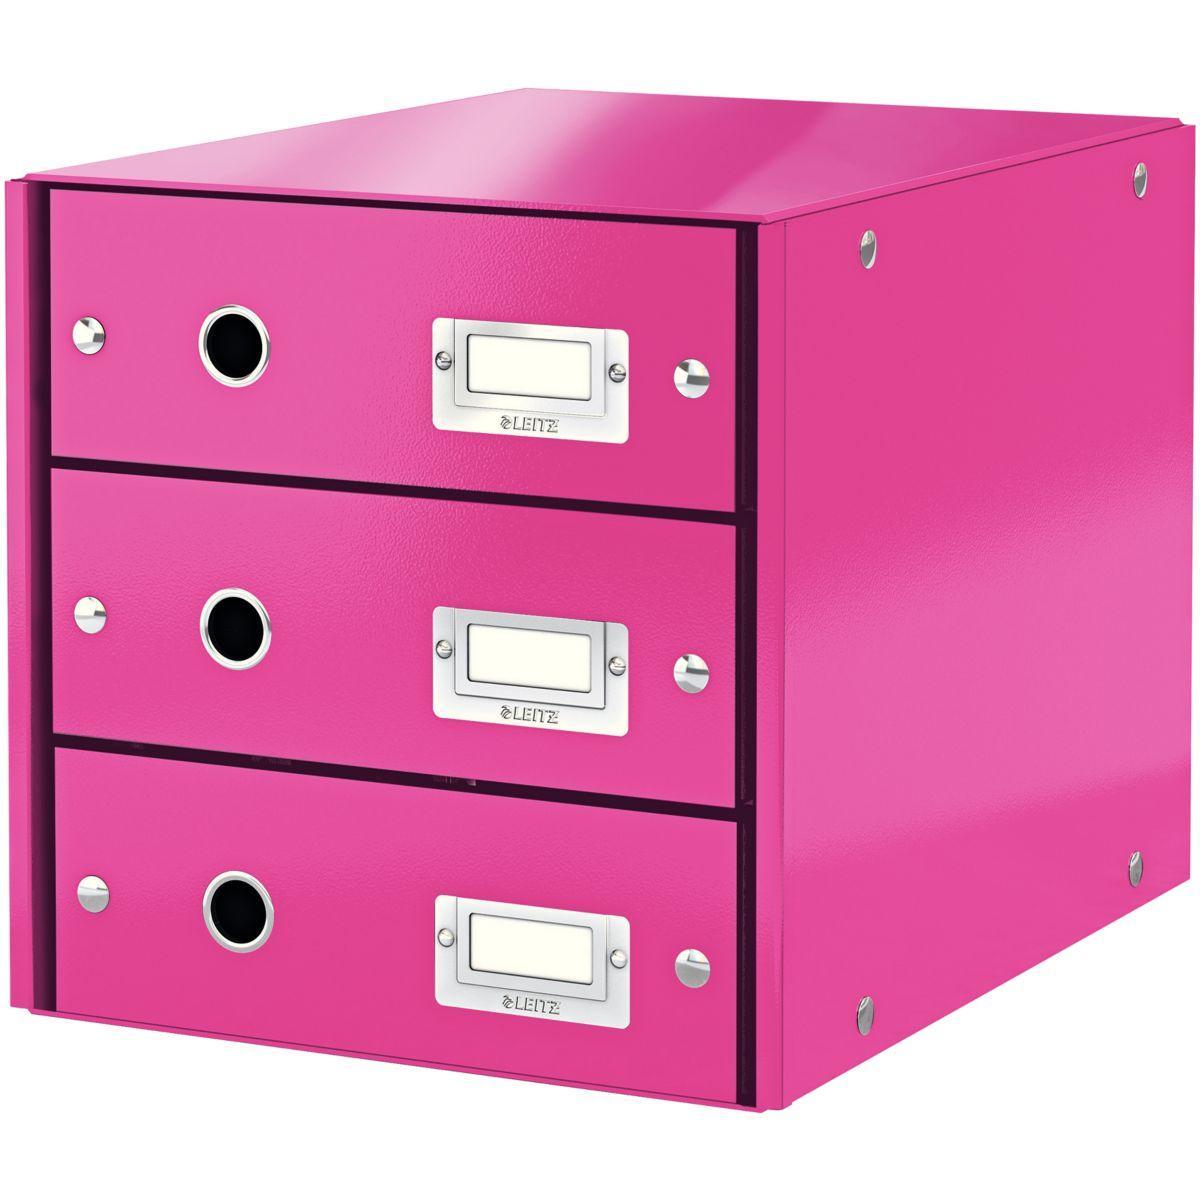 Bloc tiroir leitz bloc de classement wow 3 tiroirs rose - 2% de remise imm�diate avec le code : automne2 (photo)